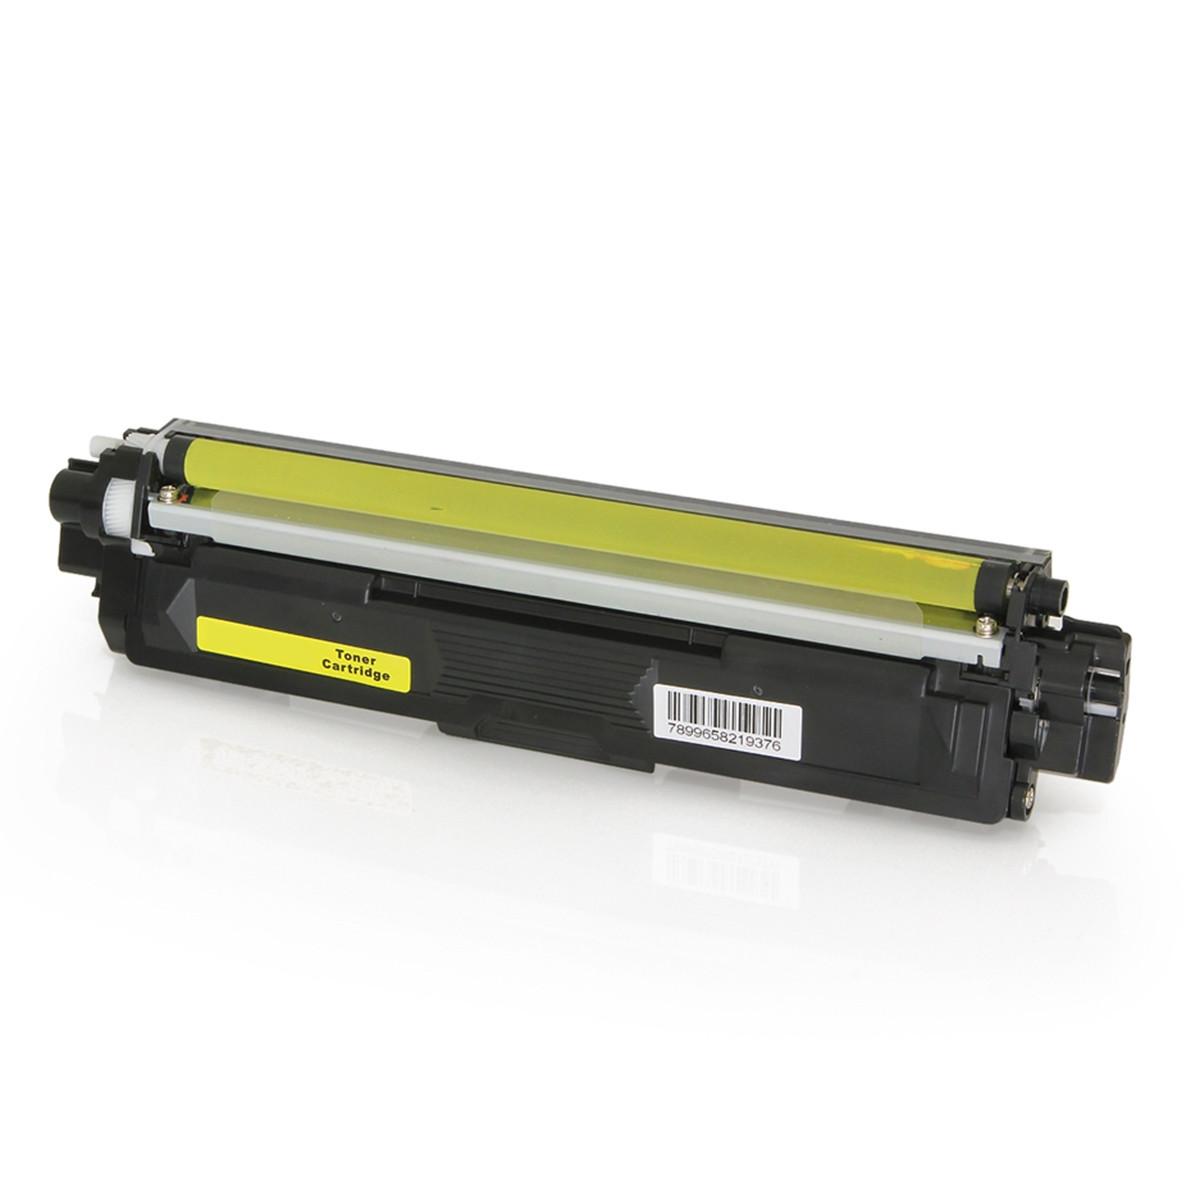 Toner Compatível com Brother TN-221Y TN221 Amarelo | HL3140 HL3170 MFC9130 MFC9330 | Premium 1.4k